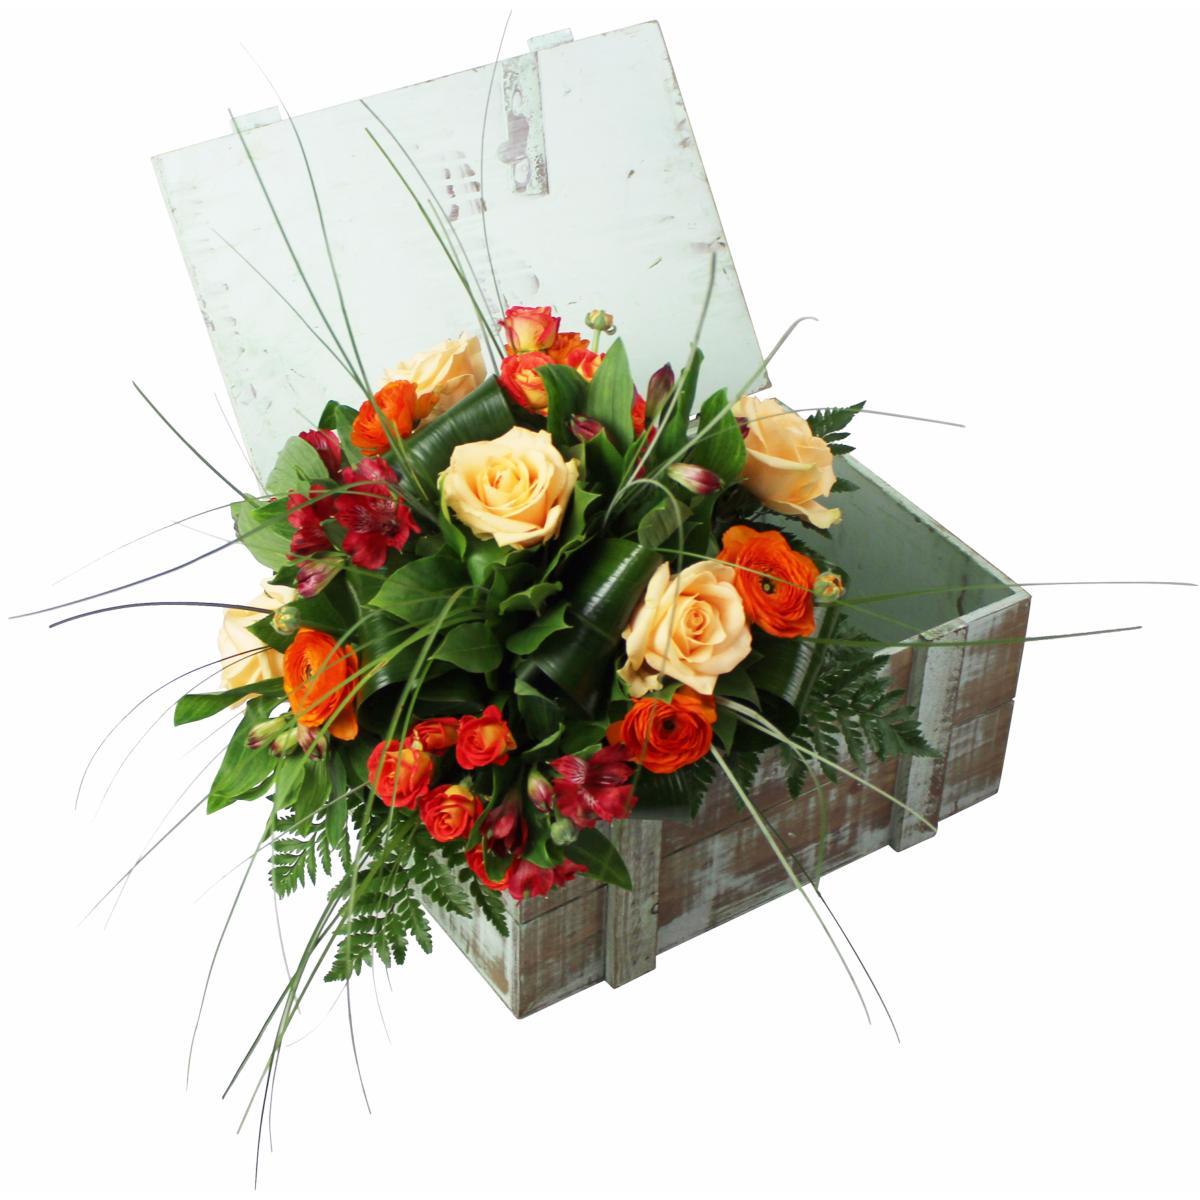 la fontaine fleurie livraison bouquet renoncule maria. Black Bedroom Furniture Sets. Home Design Ideas